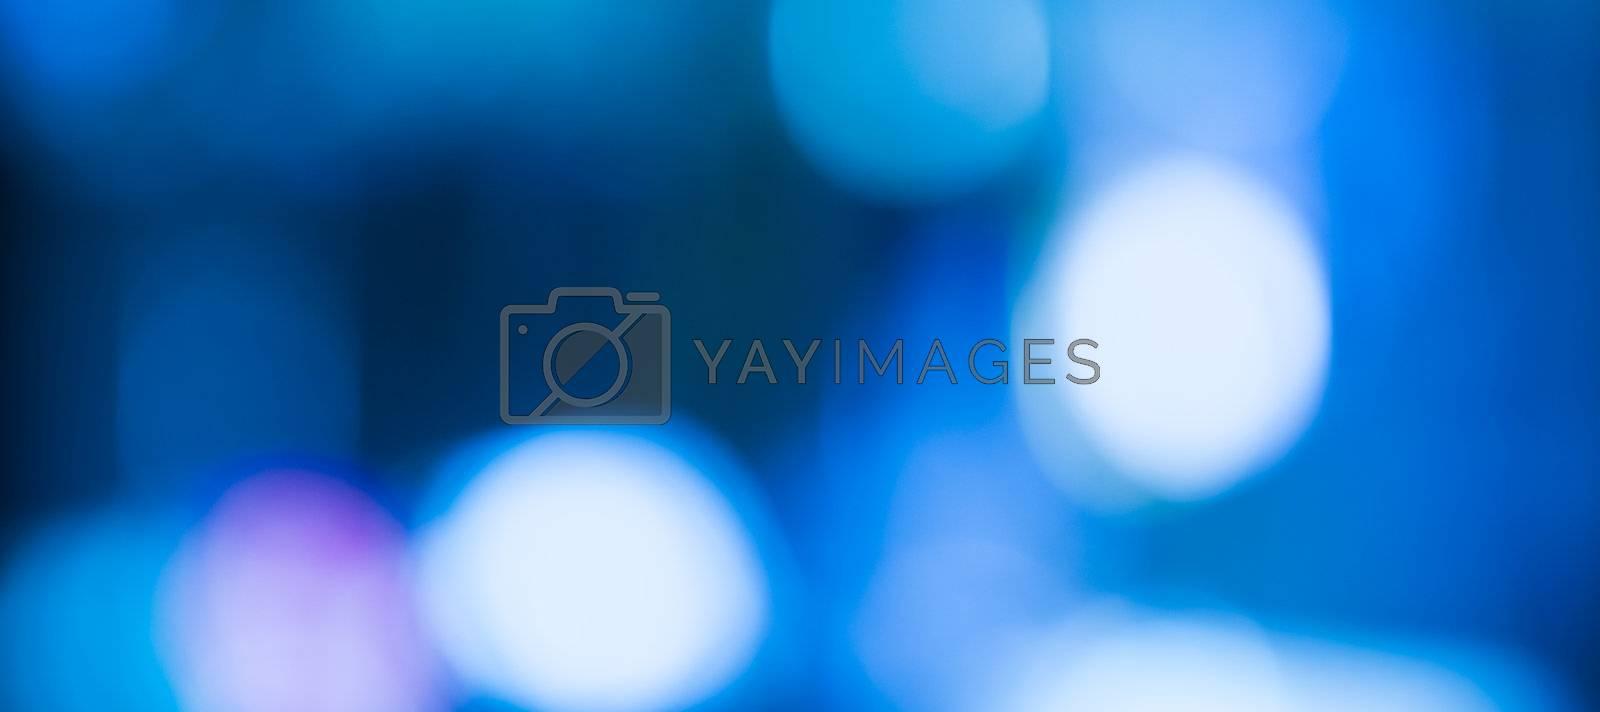 Background of Blue Blurred Lights